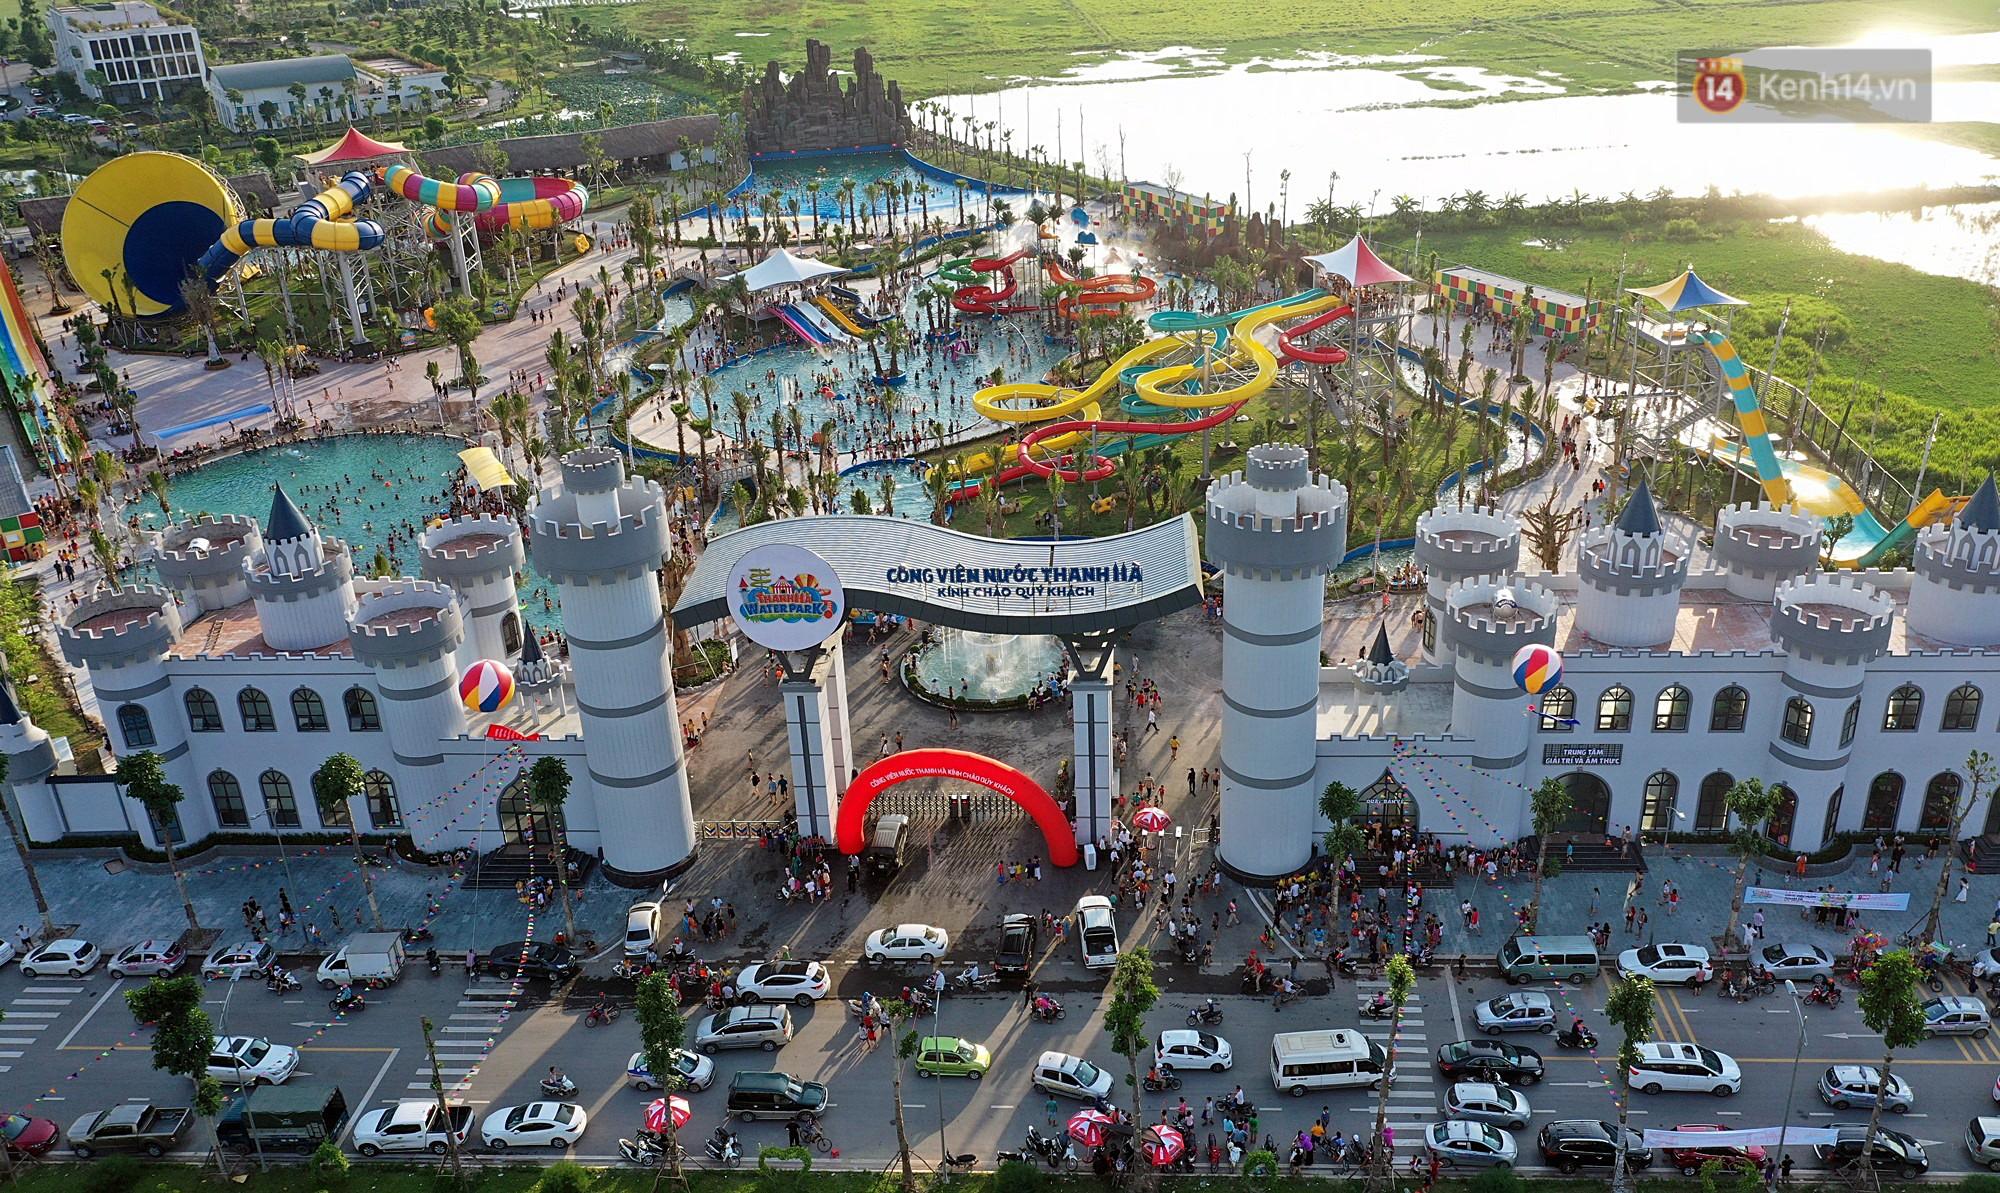 Lượng khách đổ về công viên nước hiện đại nhất Thủ đô tăng đột biến vào buổi chiều ngày khai trương - Ảnh 4.